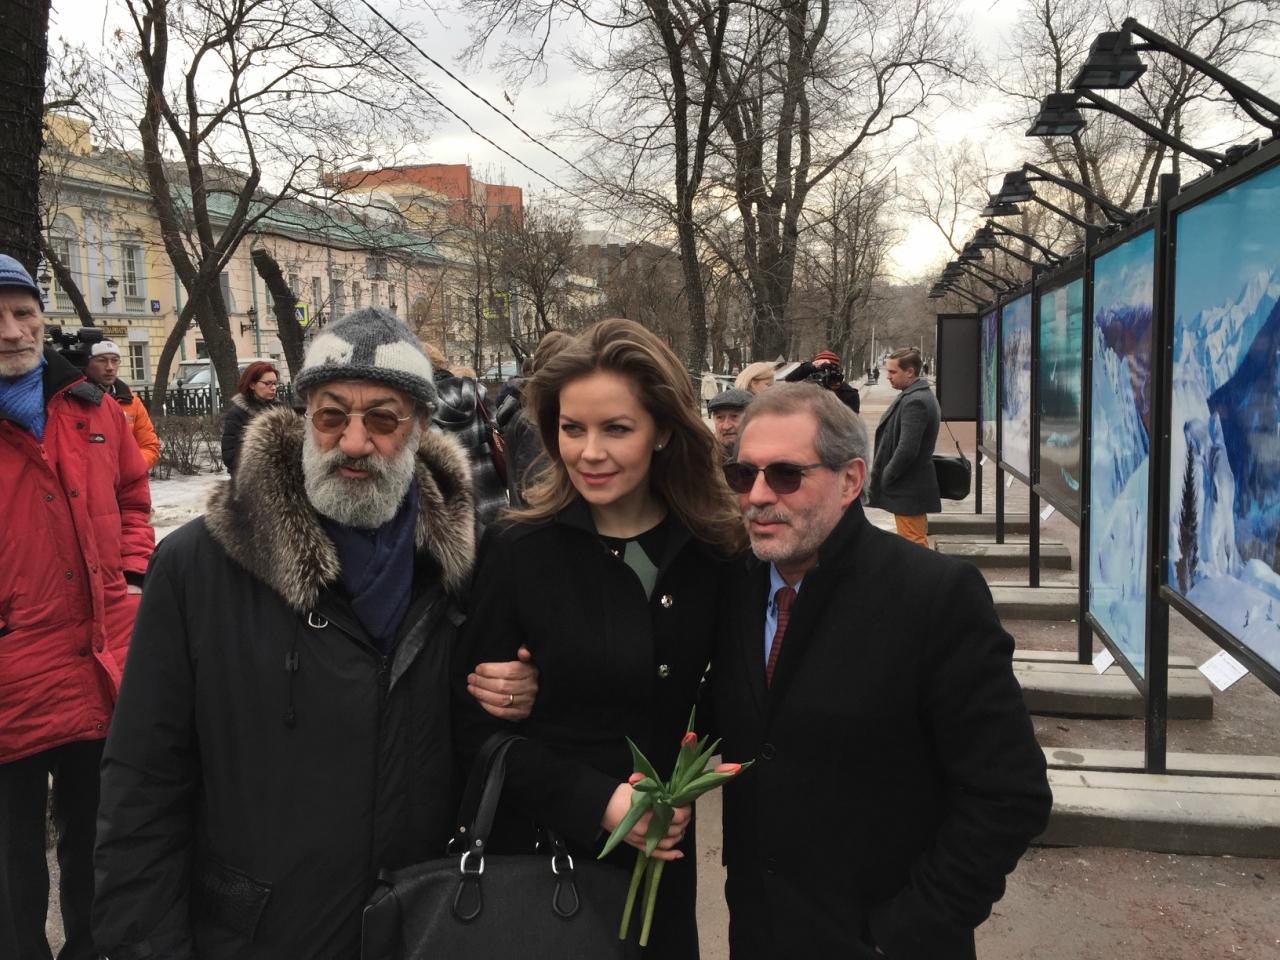 Чилингаров и Леонтьев с дочерью полярника